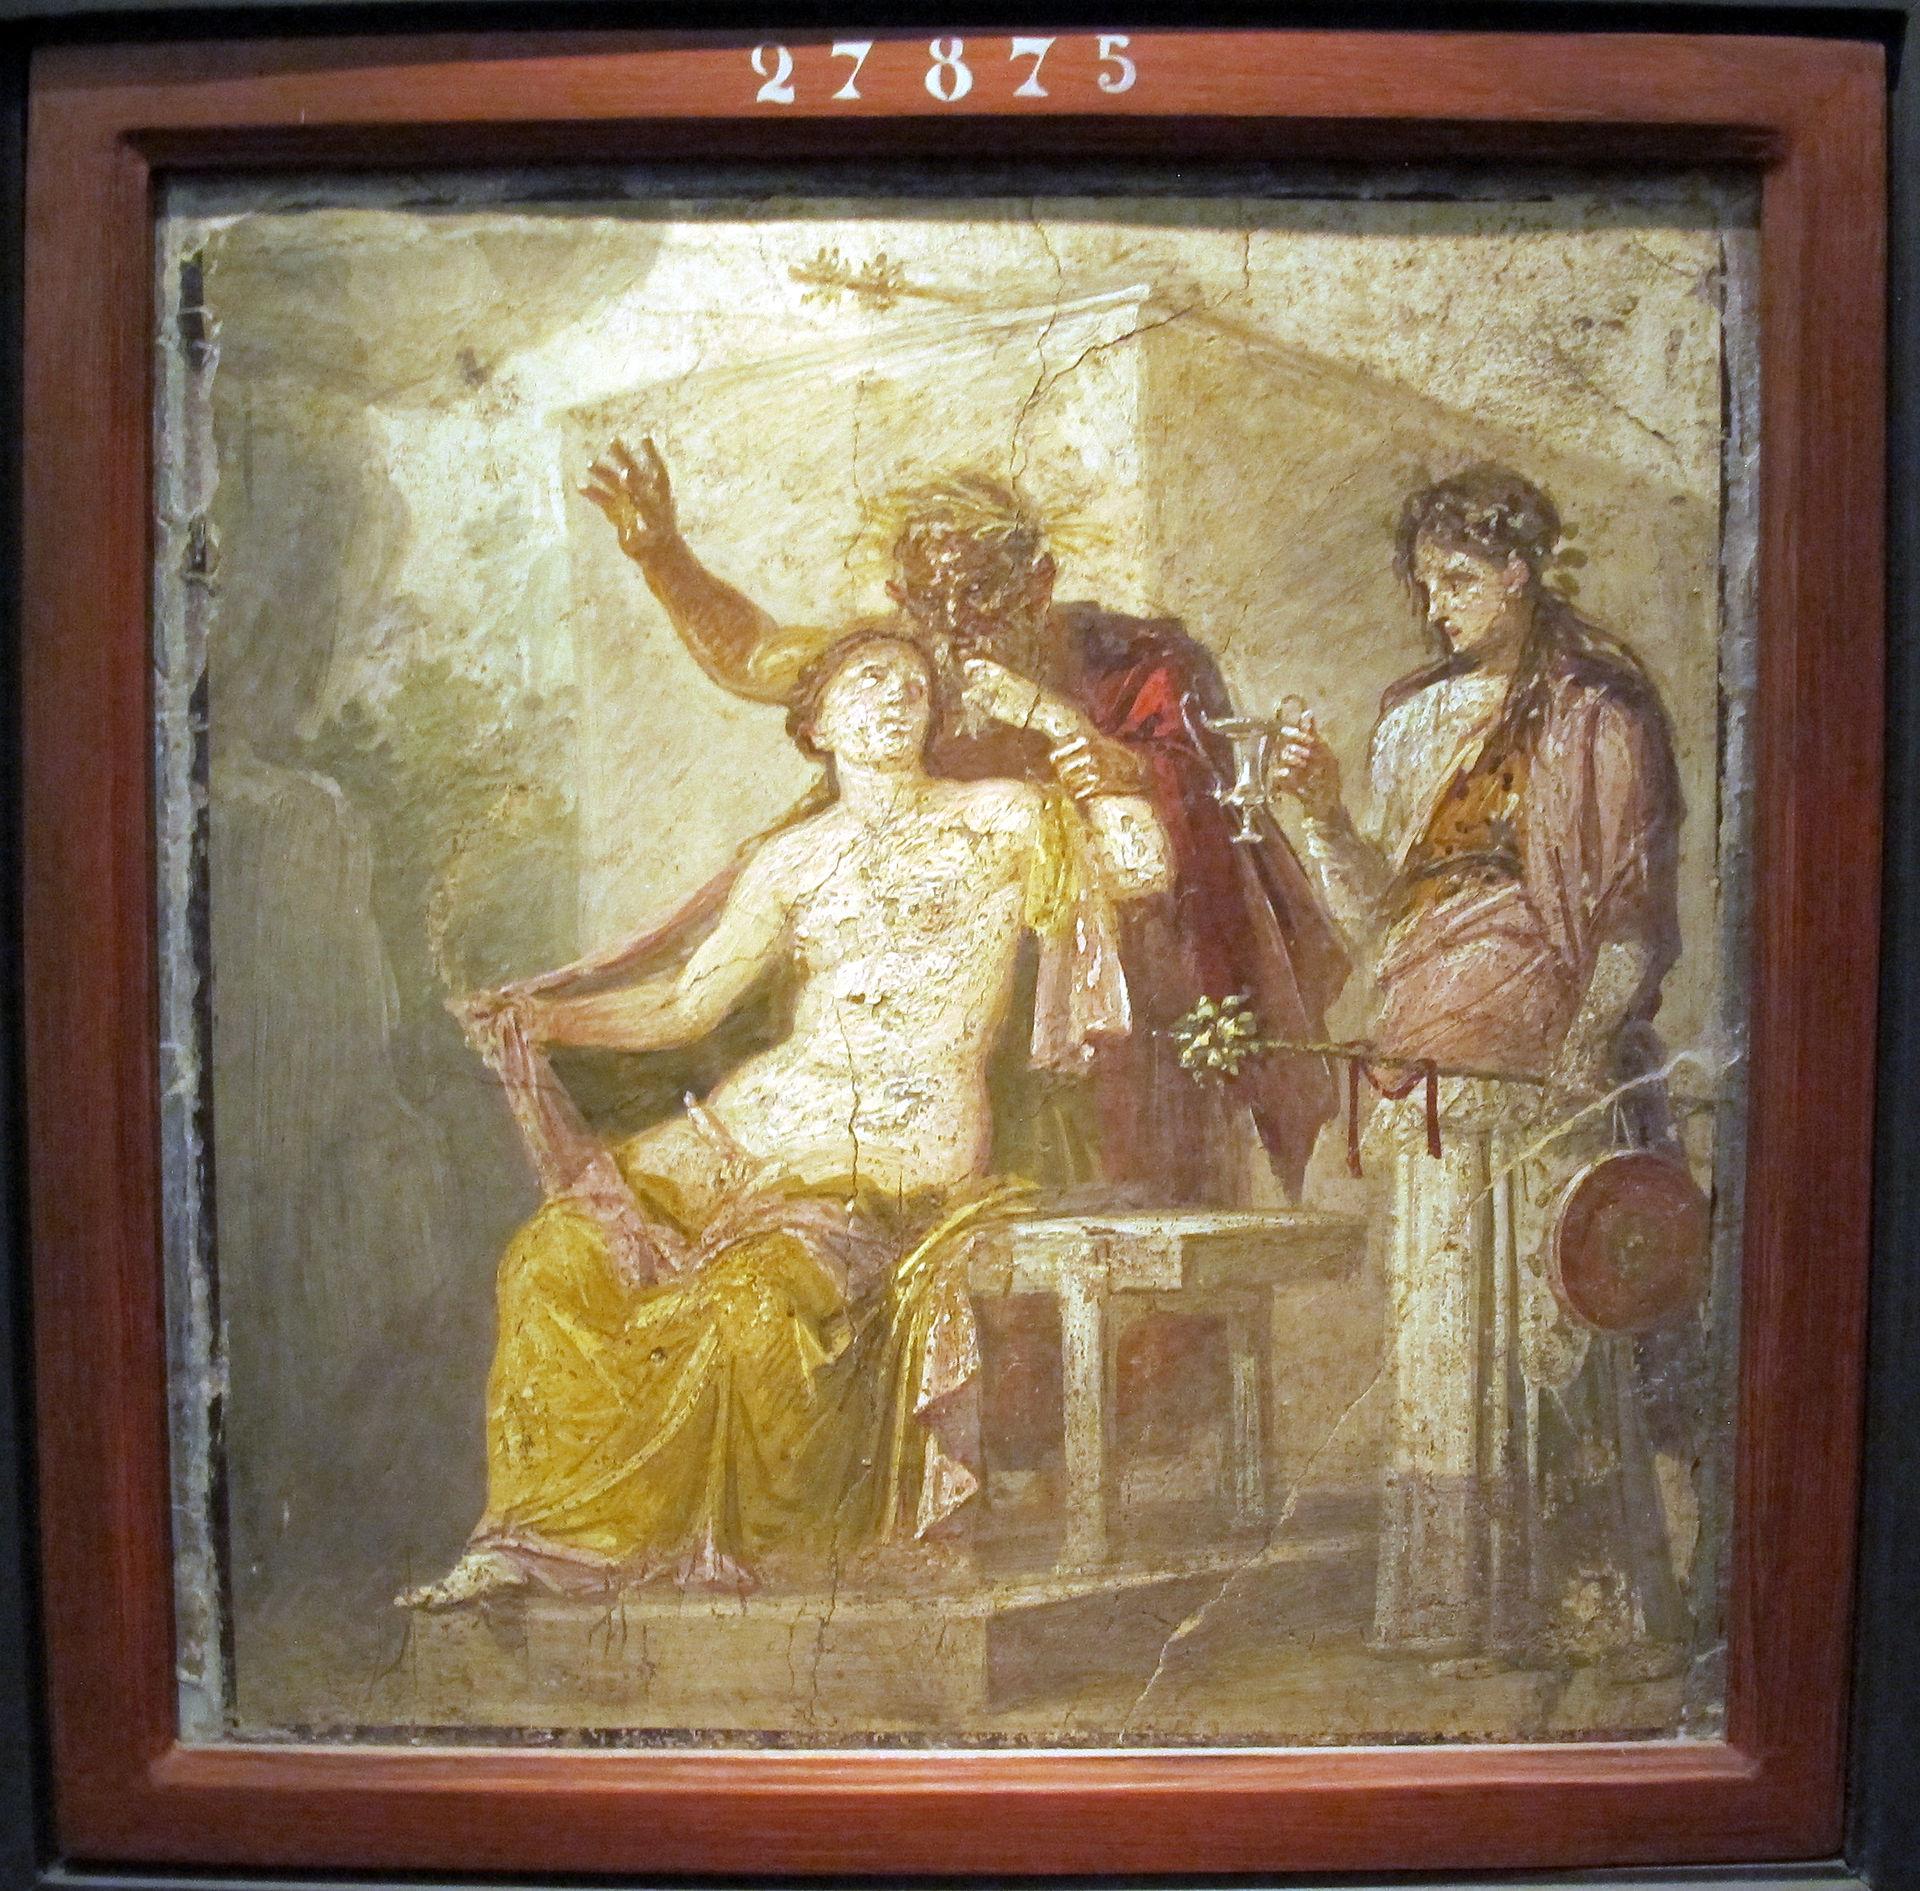 Vecchio satiro ed ermafrodito, da casa di epidio sabino a pompei, 50-79 dc ca., 27875.jpg